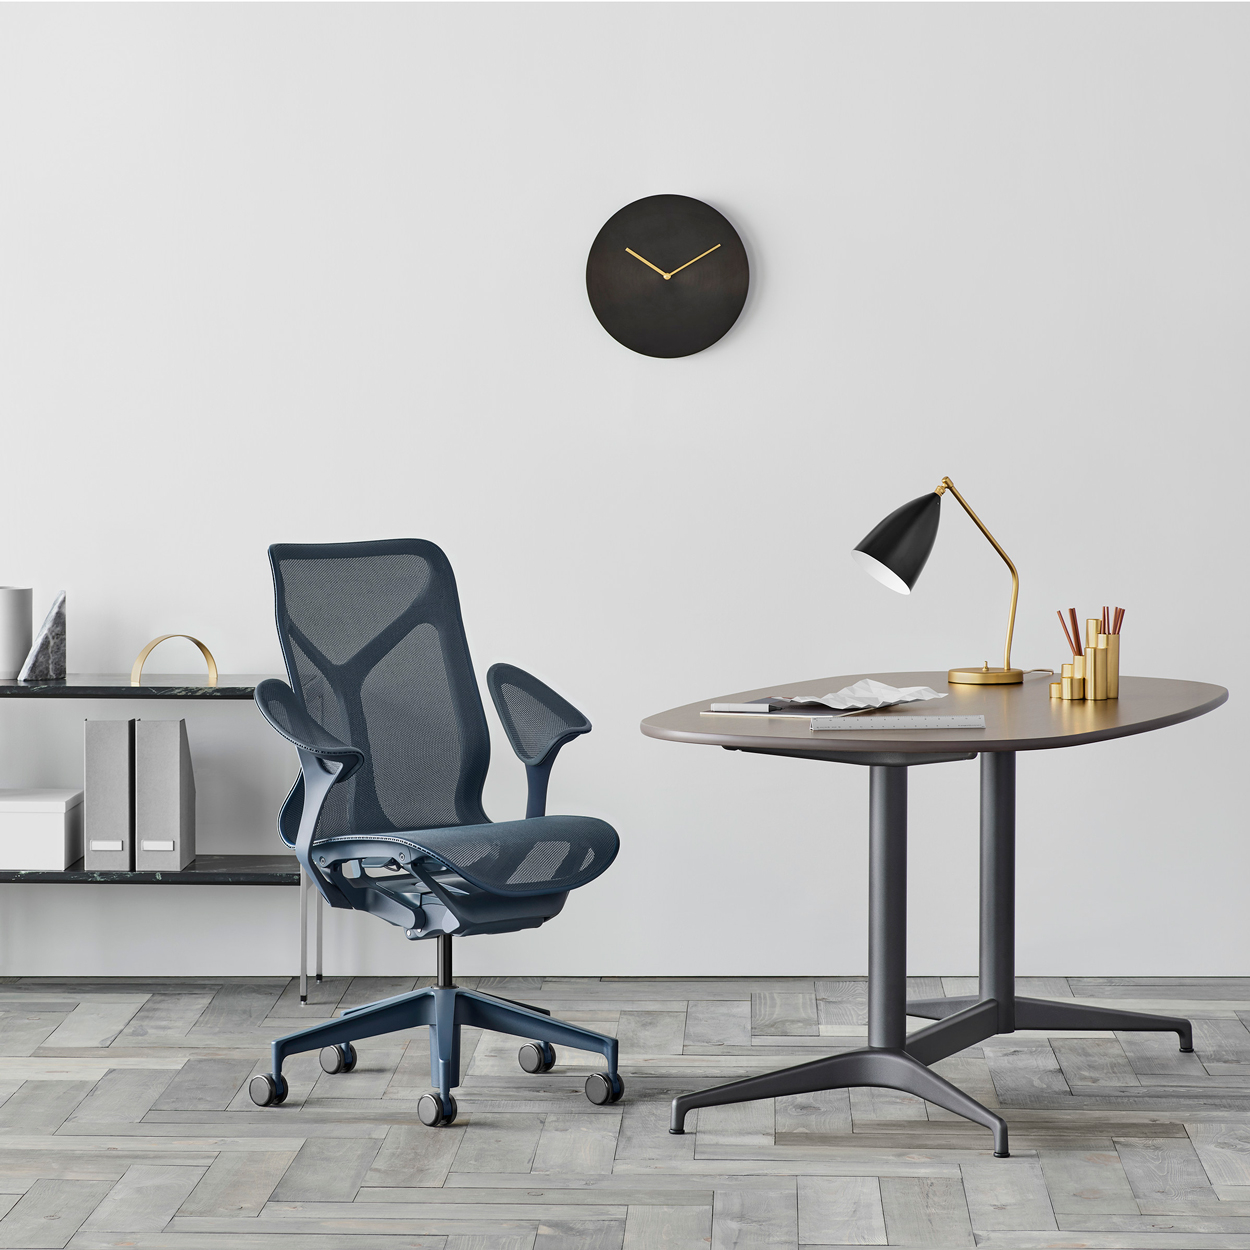 De innovatieve Cosm bureaustoel is ontworpen in samenwerking met Studio 7.5. De stoel heeft een zelfstellend bewegingsmechaniek waarmee het zich aanpast naar jouw zithouding.